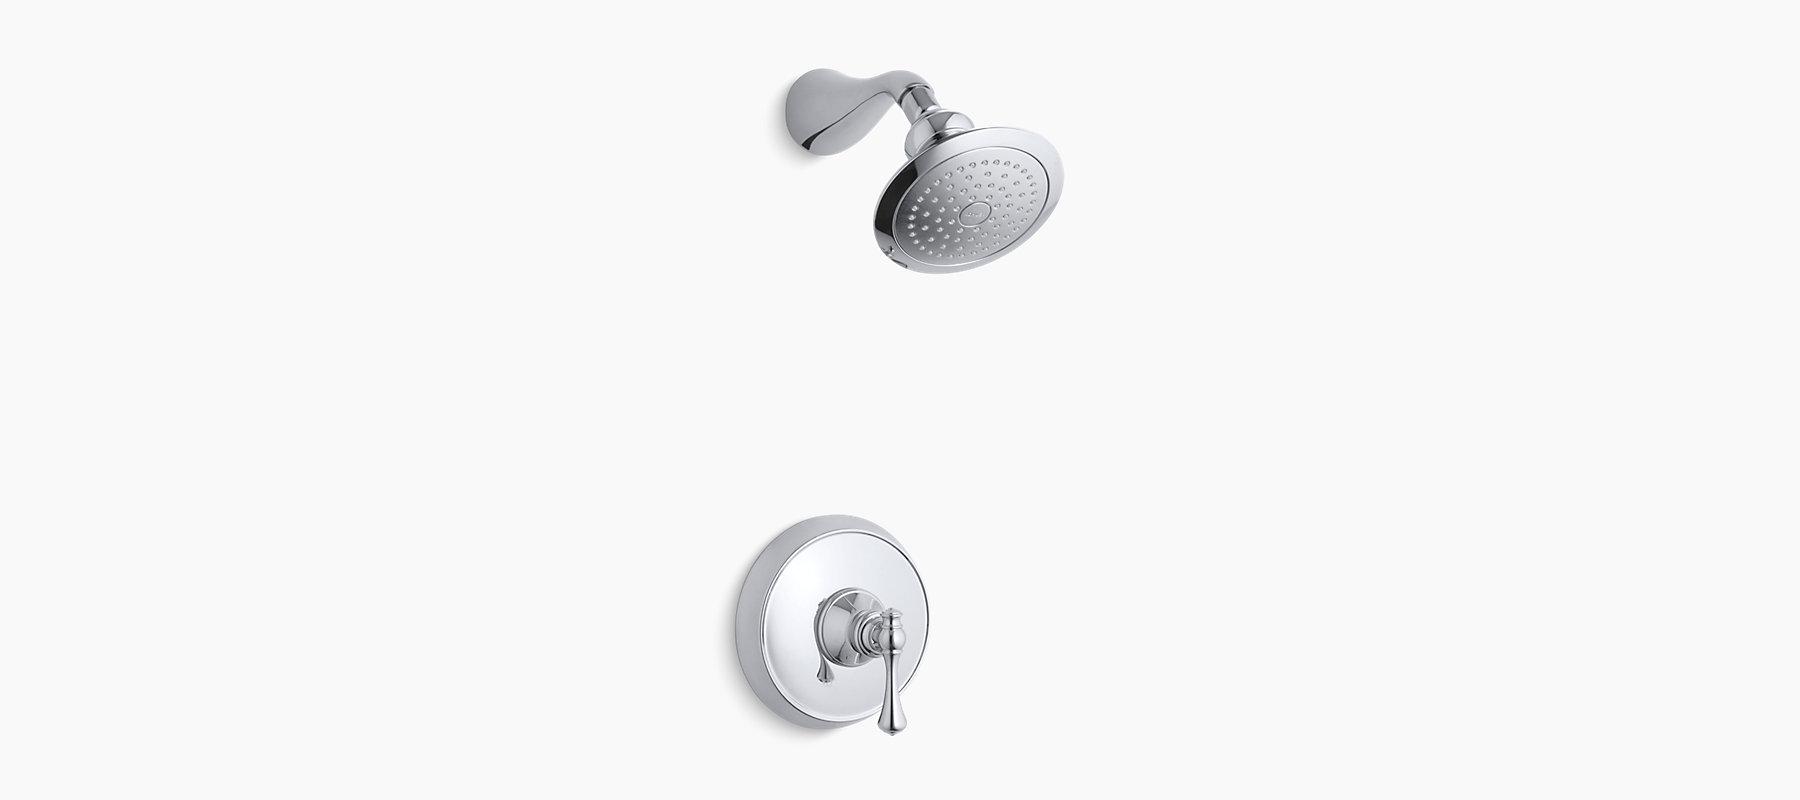 Kohler Revival Kitchen Faucet Revival Rite Temp Pressure Balancing Shower Faucet Trim With